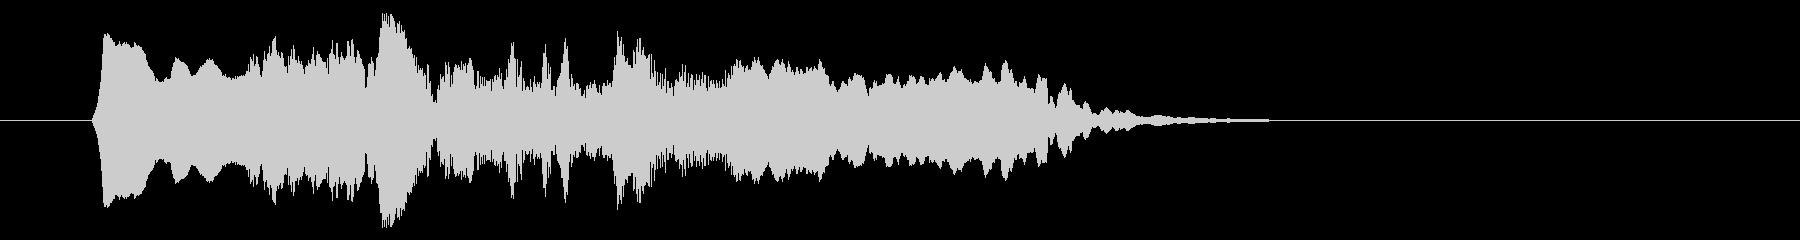 和の素材_尺八フレーズ1の未再生の波形